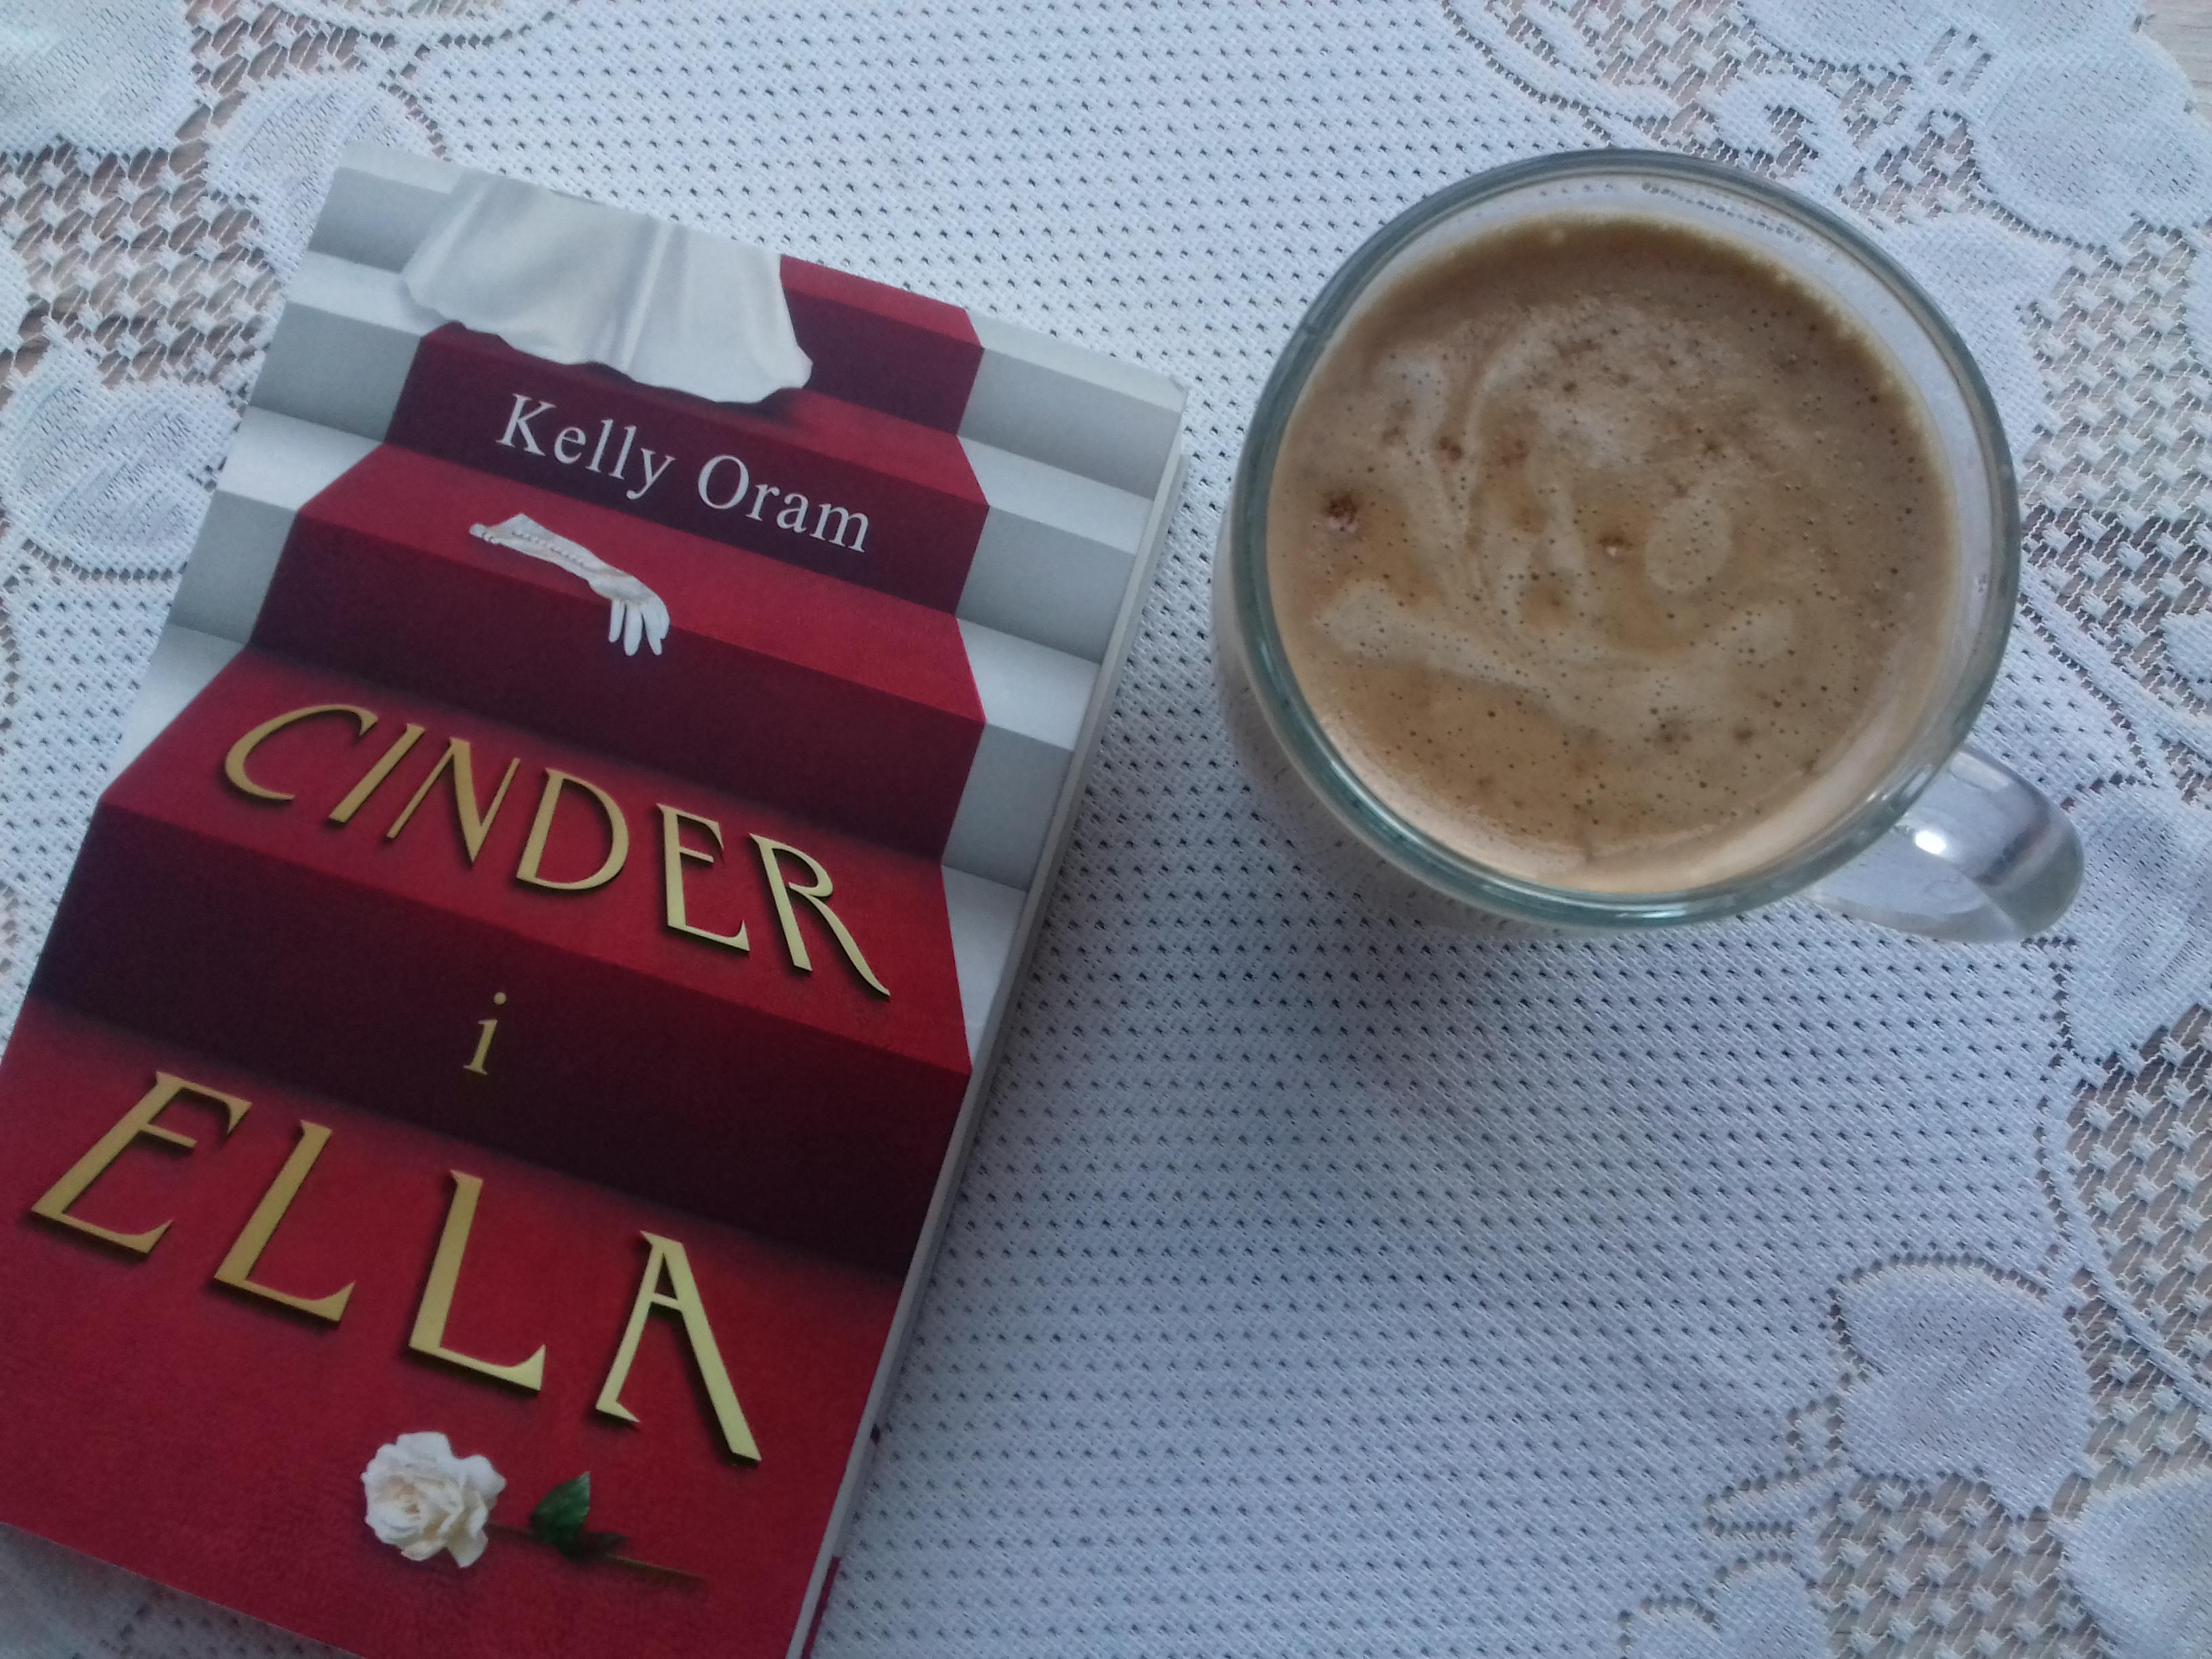 Kelly Oram - ,,Cinder i Ella